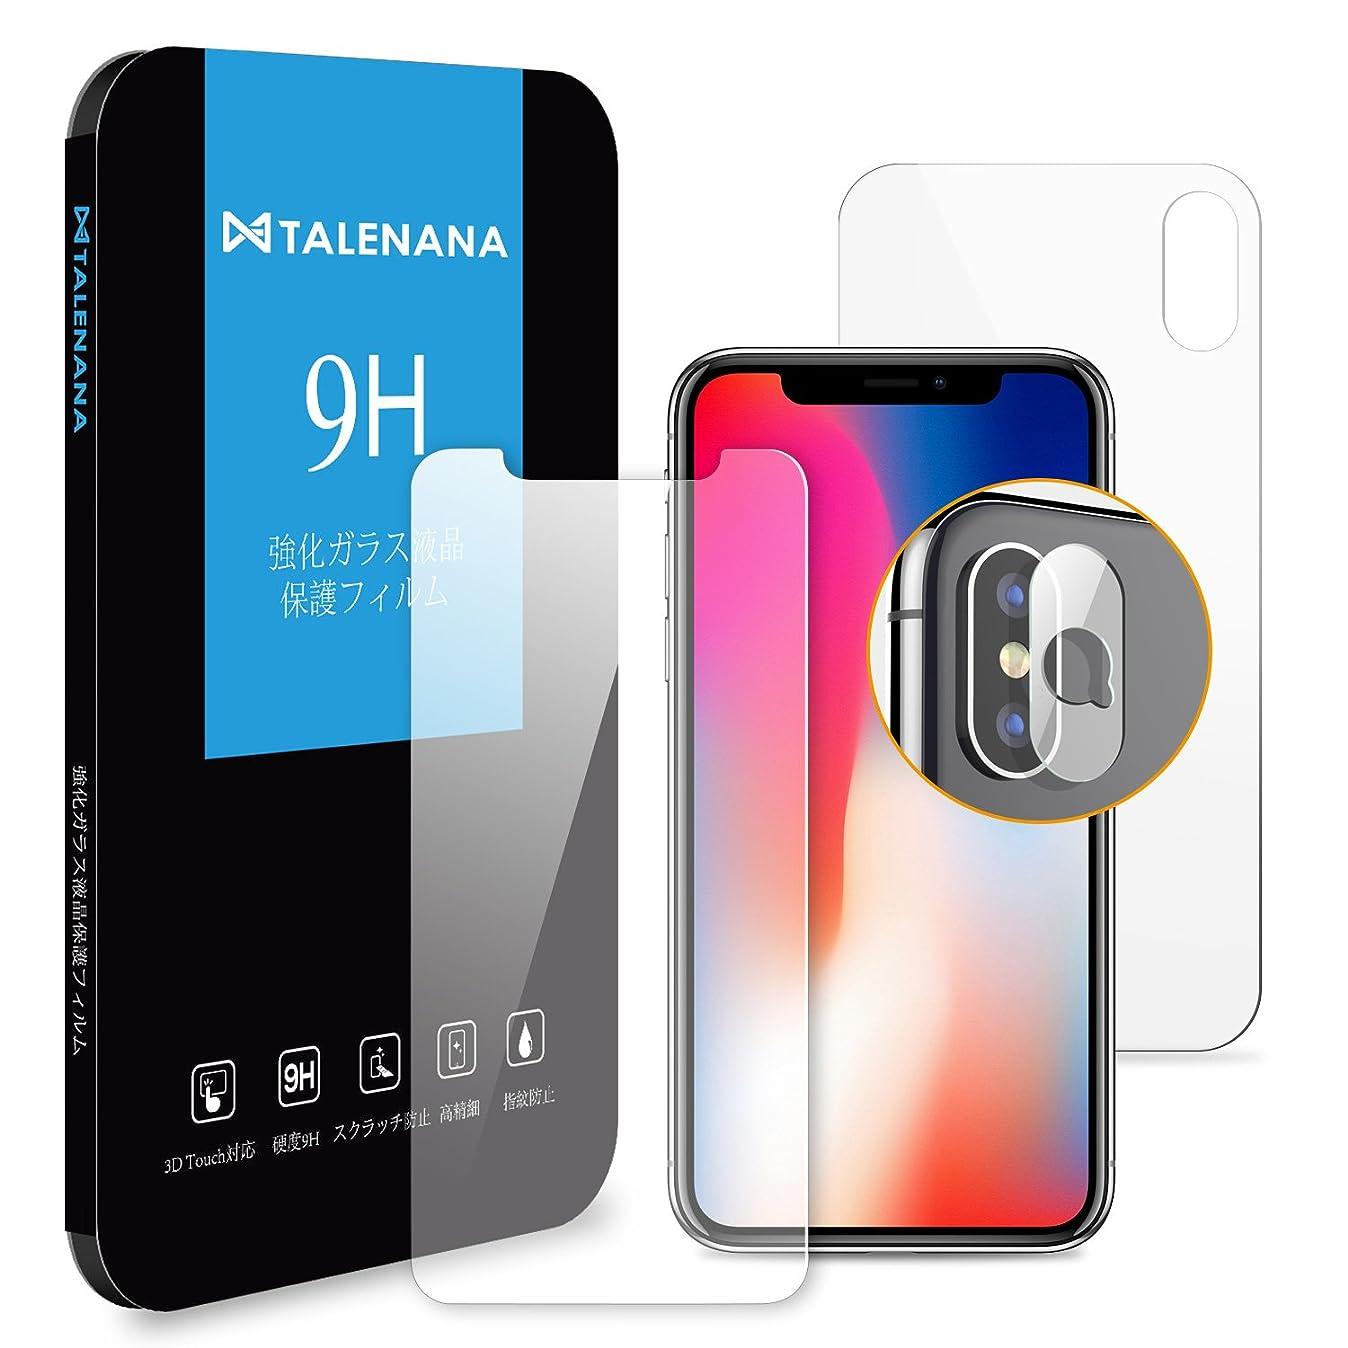 繊維恵みリファインTALENANA iPhone XS/iPhone X 用ガラス保護フィルム 表面+背面+カメラレンズ3枚セット【日本製板ガラス】3D Touch対応/硬度9H/高透過率/指紋防止 2.5D